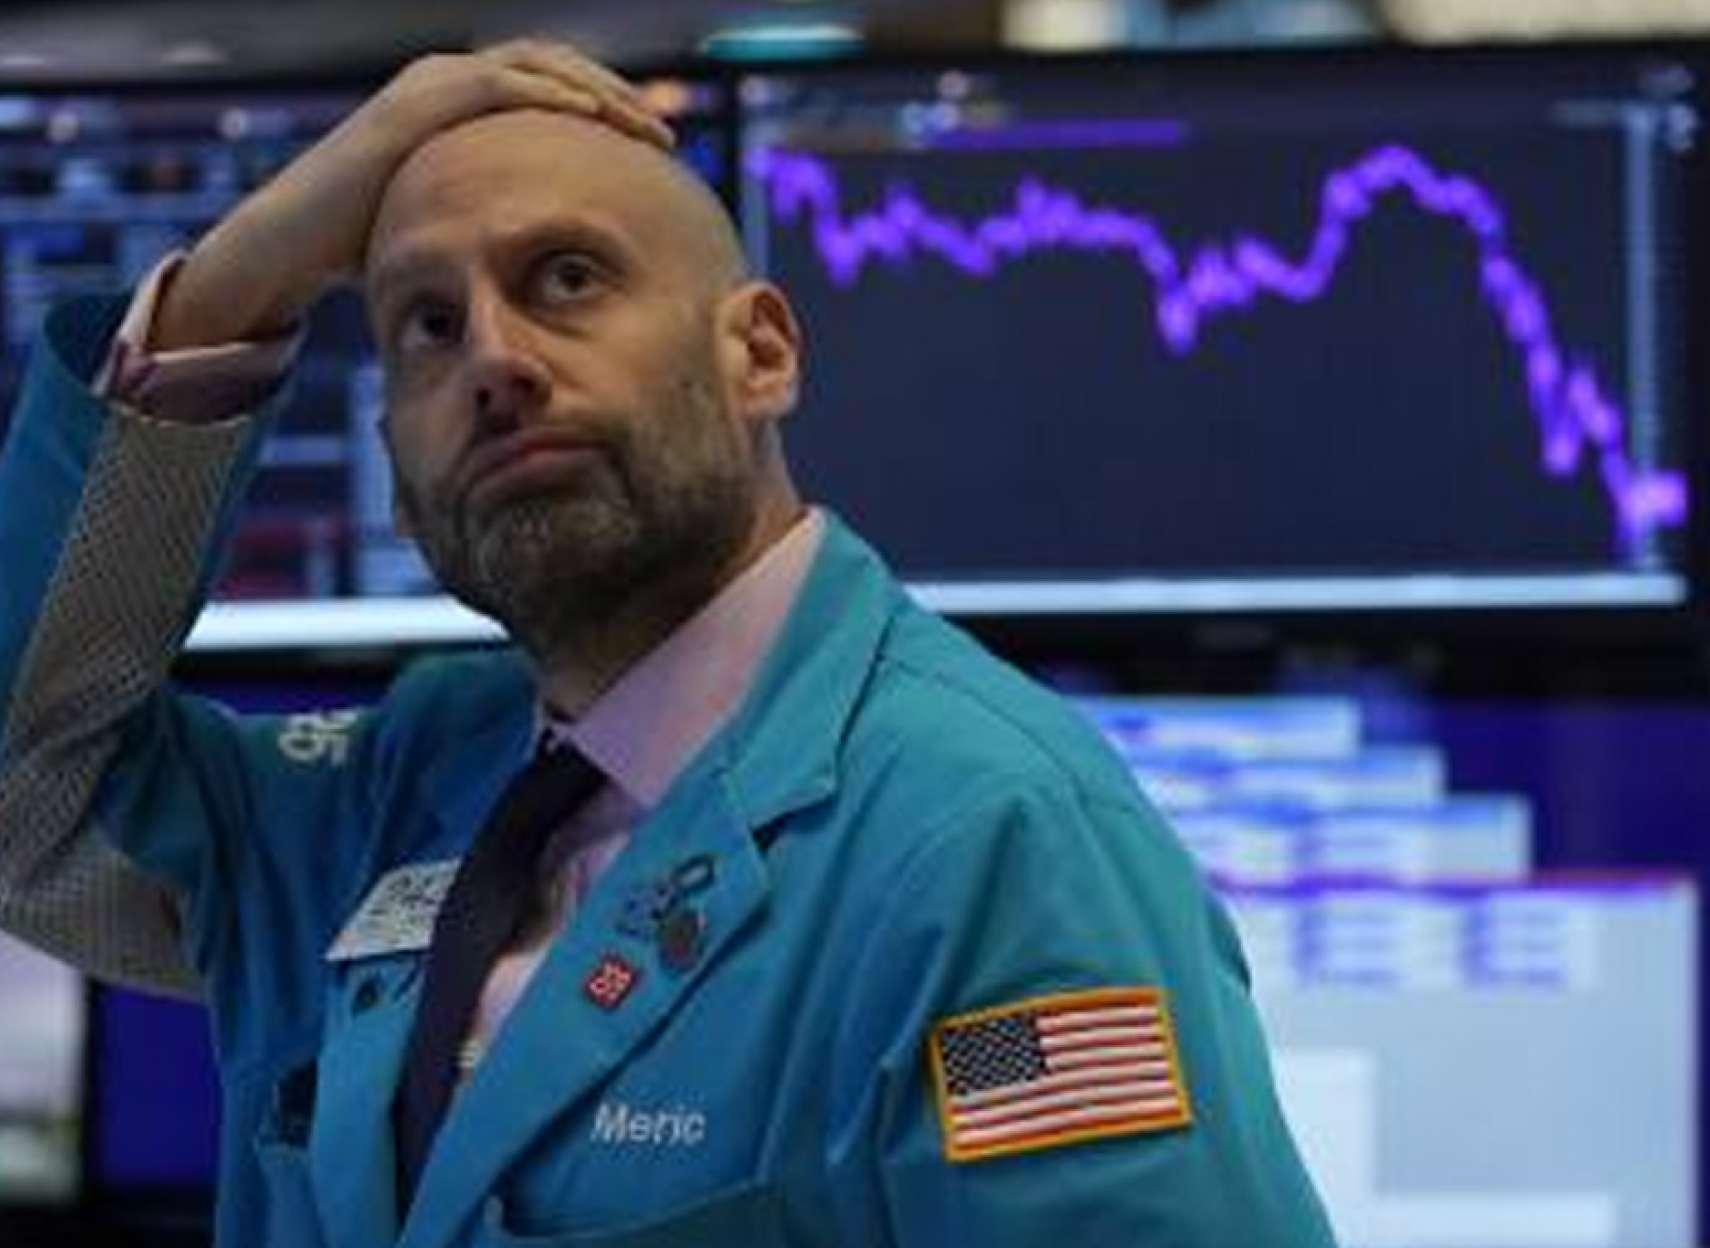 اخبار-کانادا-سقوط-بازارهای-سهام-و-نفت-در-دنیا-و-اثرات-آن-بر-شما